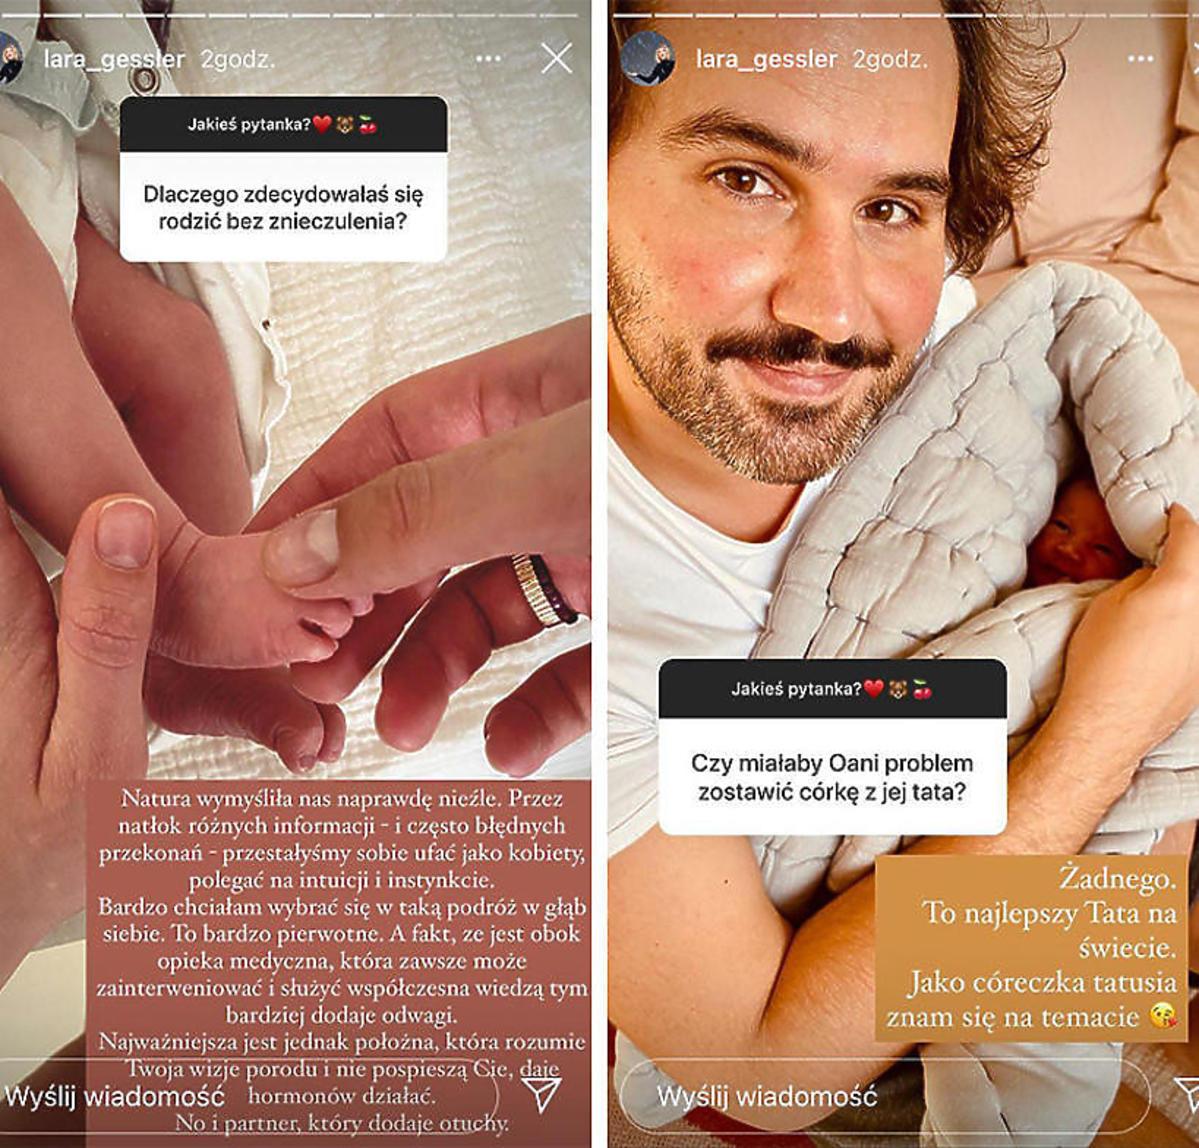 Lara Gessler - poród bez znieczulenia